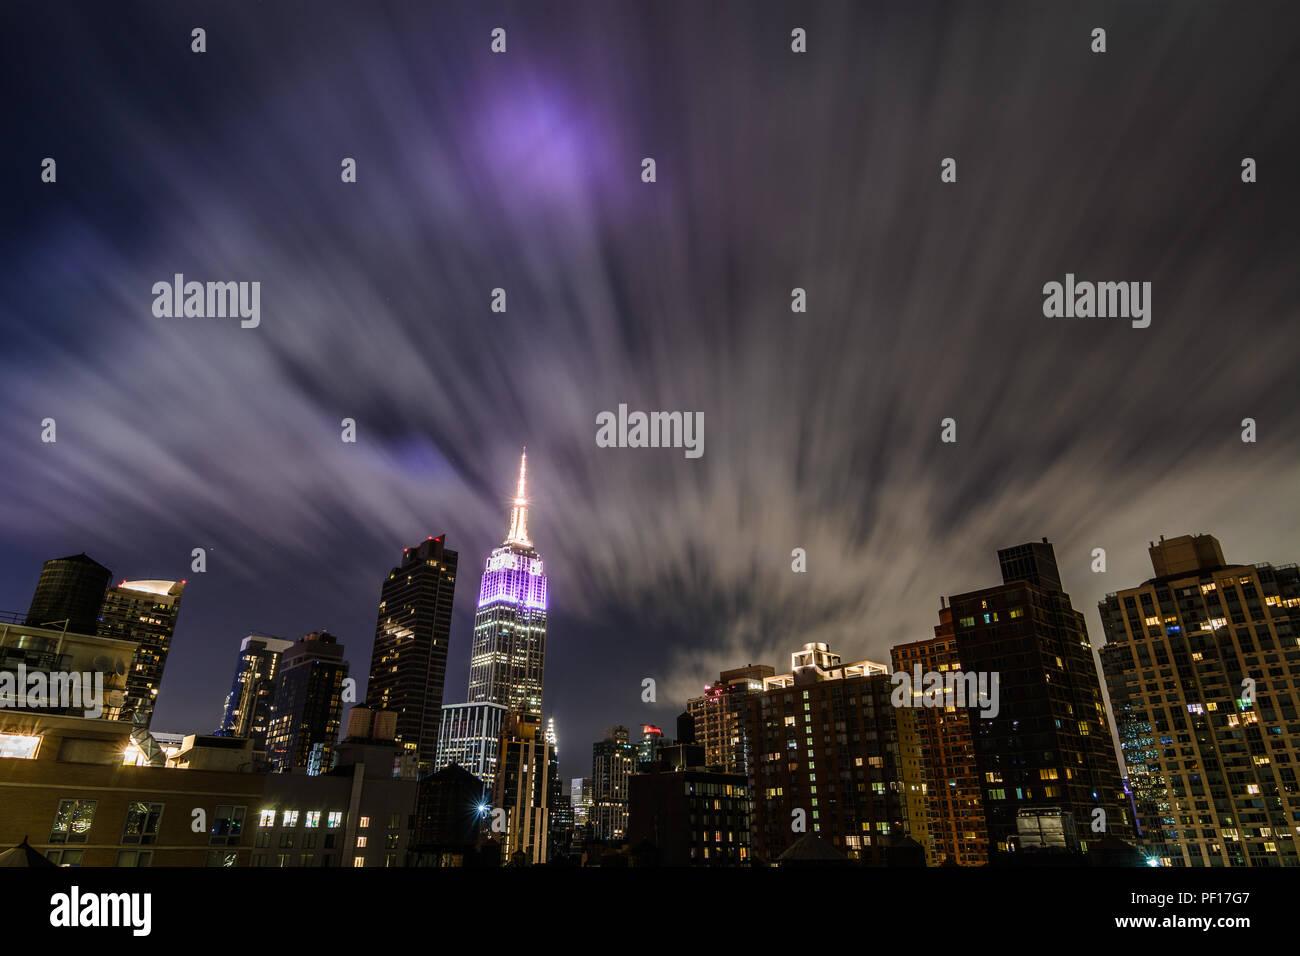 Das Empire State Building ist abends beleuchtet, wie sich schnell bewegende Wolken Stream über den Stadtteil Chelsea New York City. Stockfoto